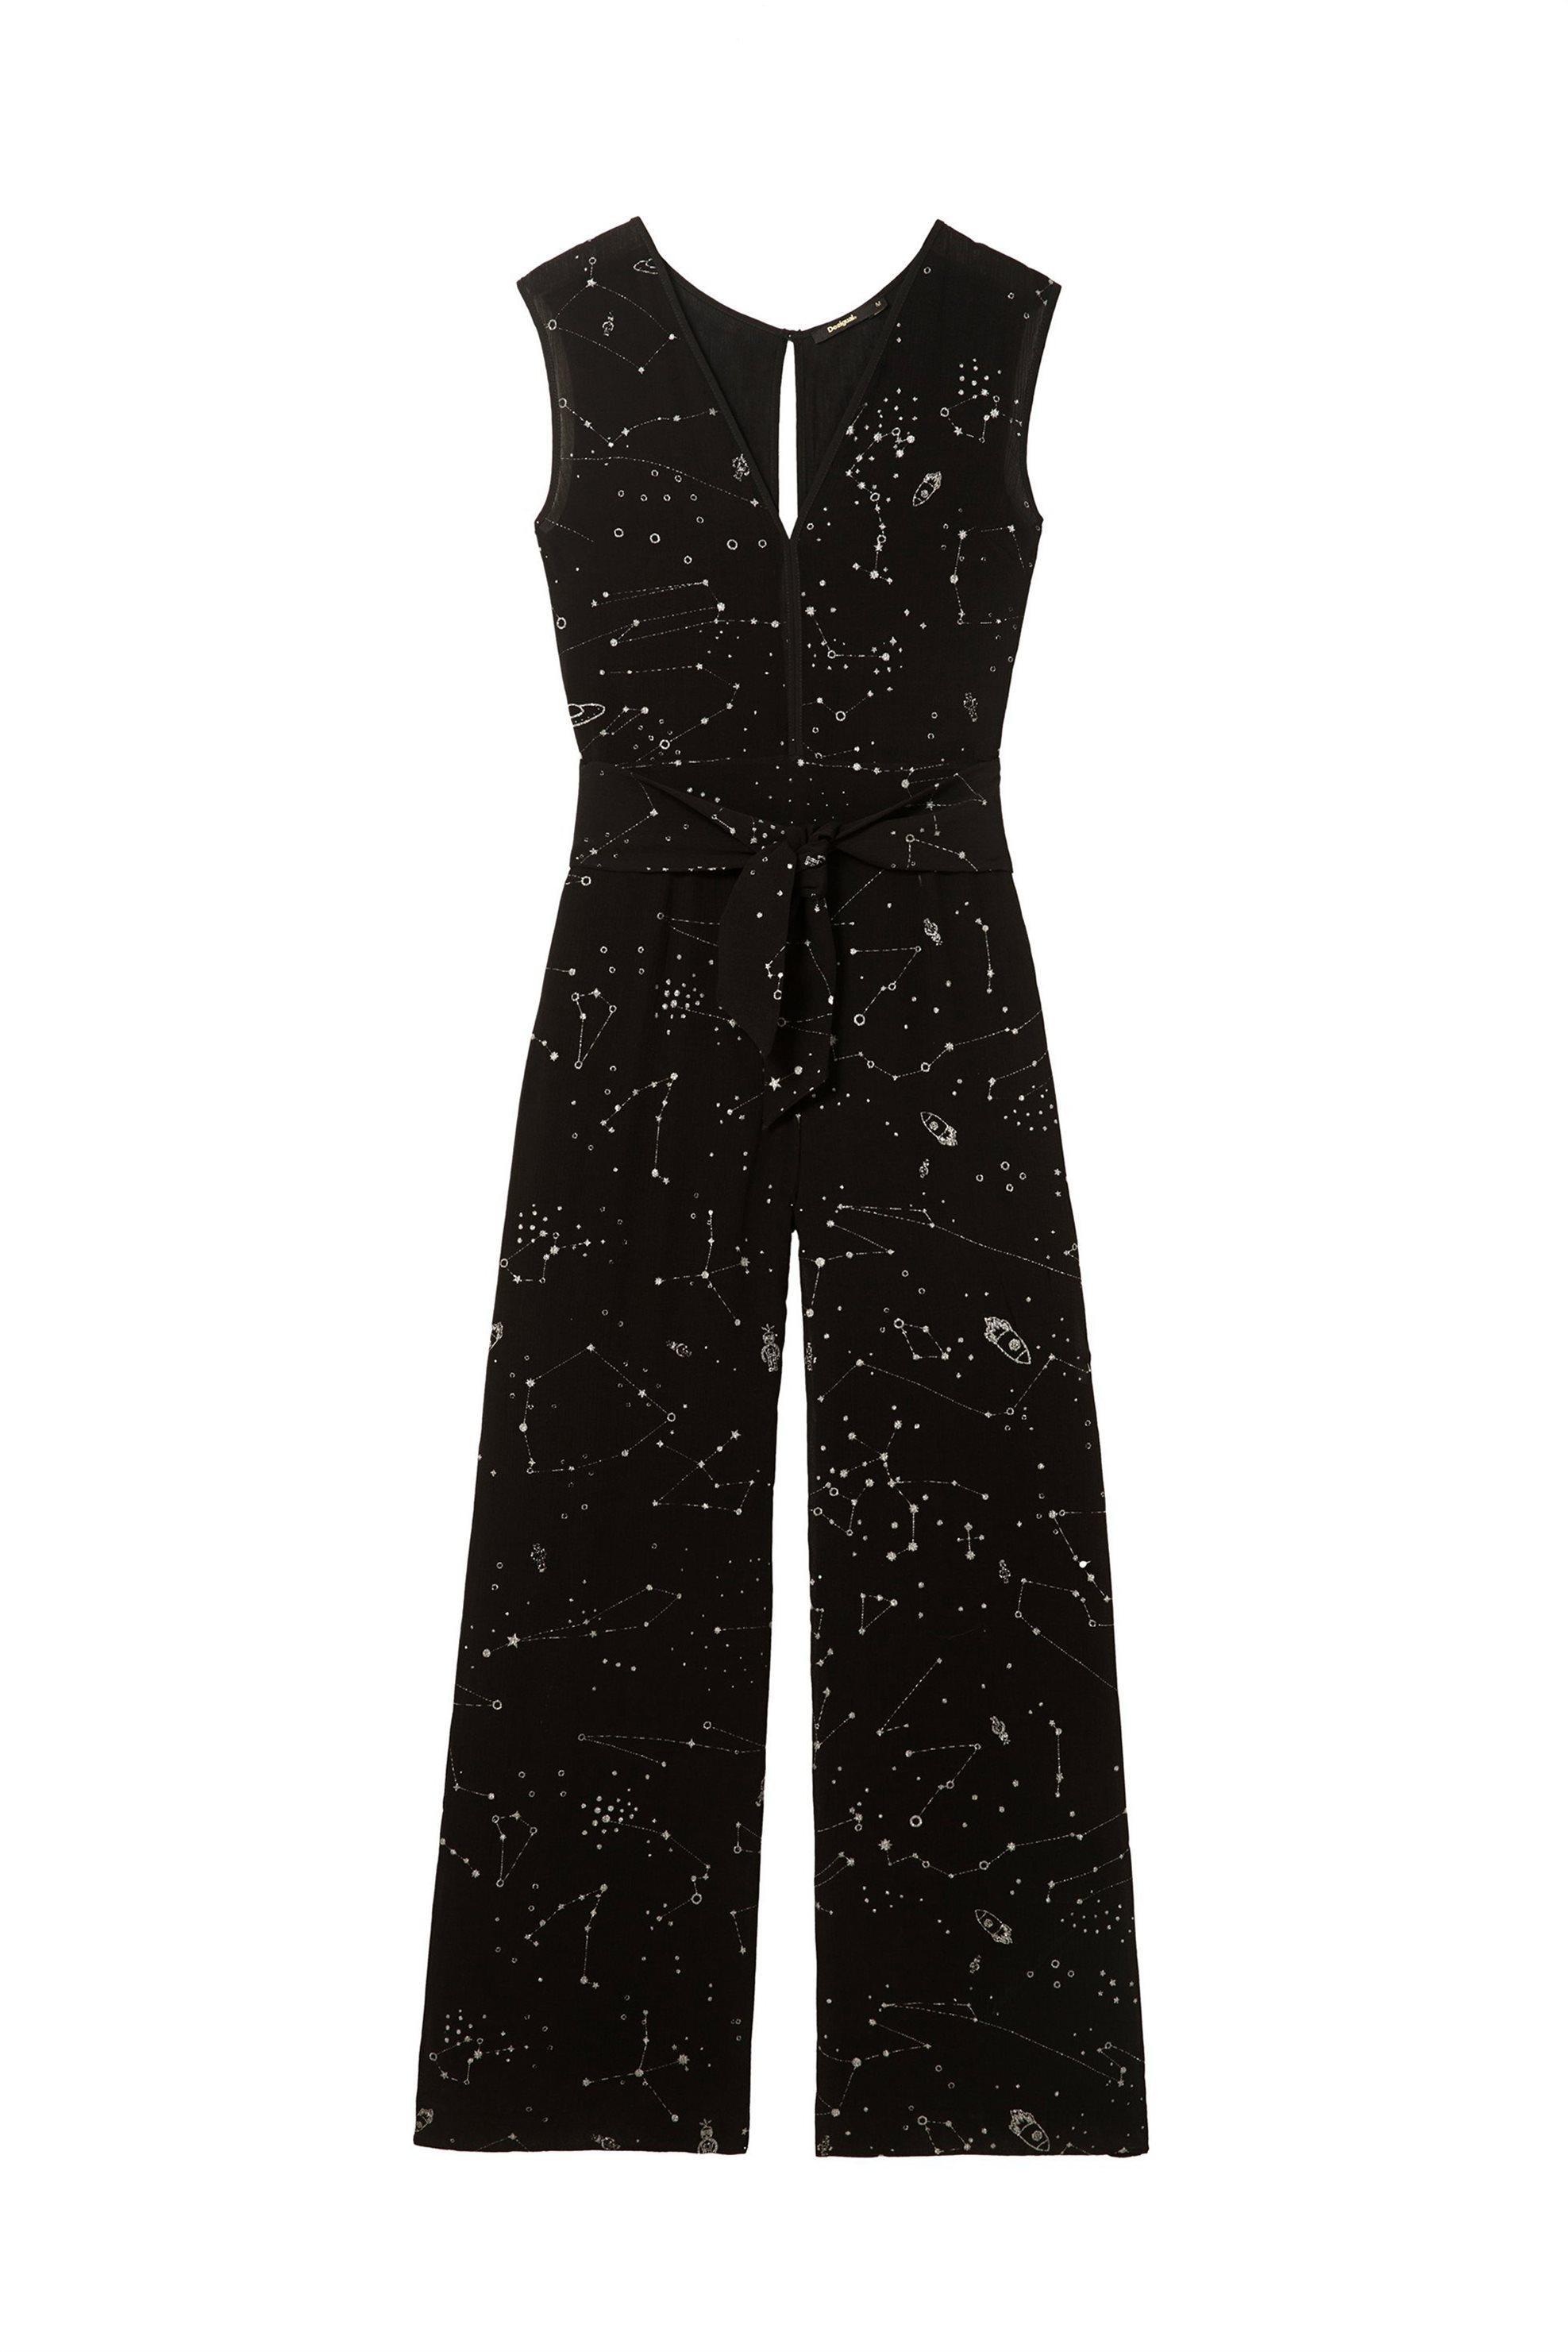 Γυναικεία ολόσωμη φόρμα Donna Desigual - 18SWPW17 - Μαύρο γυναικα   ρουχα   ολόσωμες φόρμες   σαλοπέτες